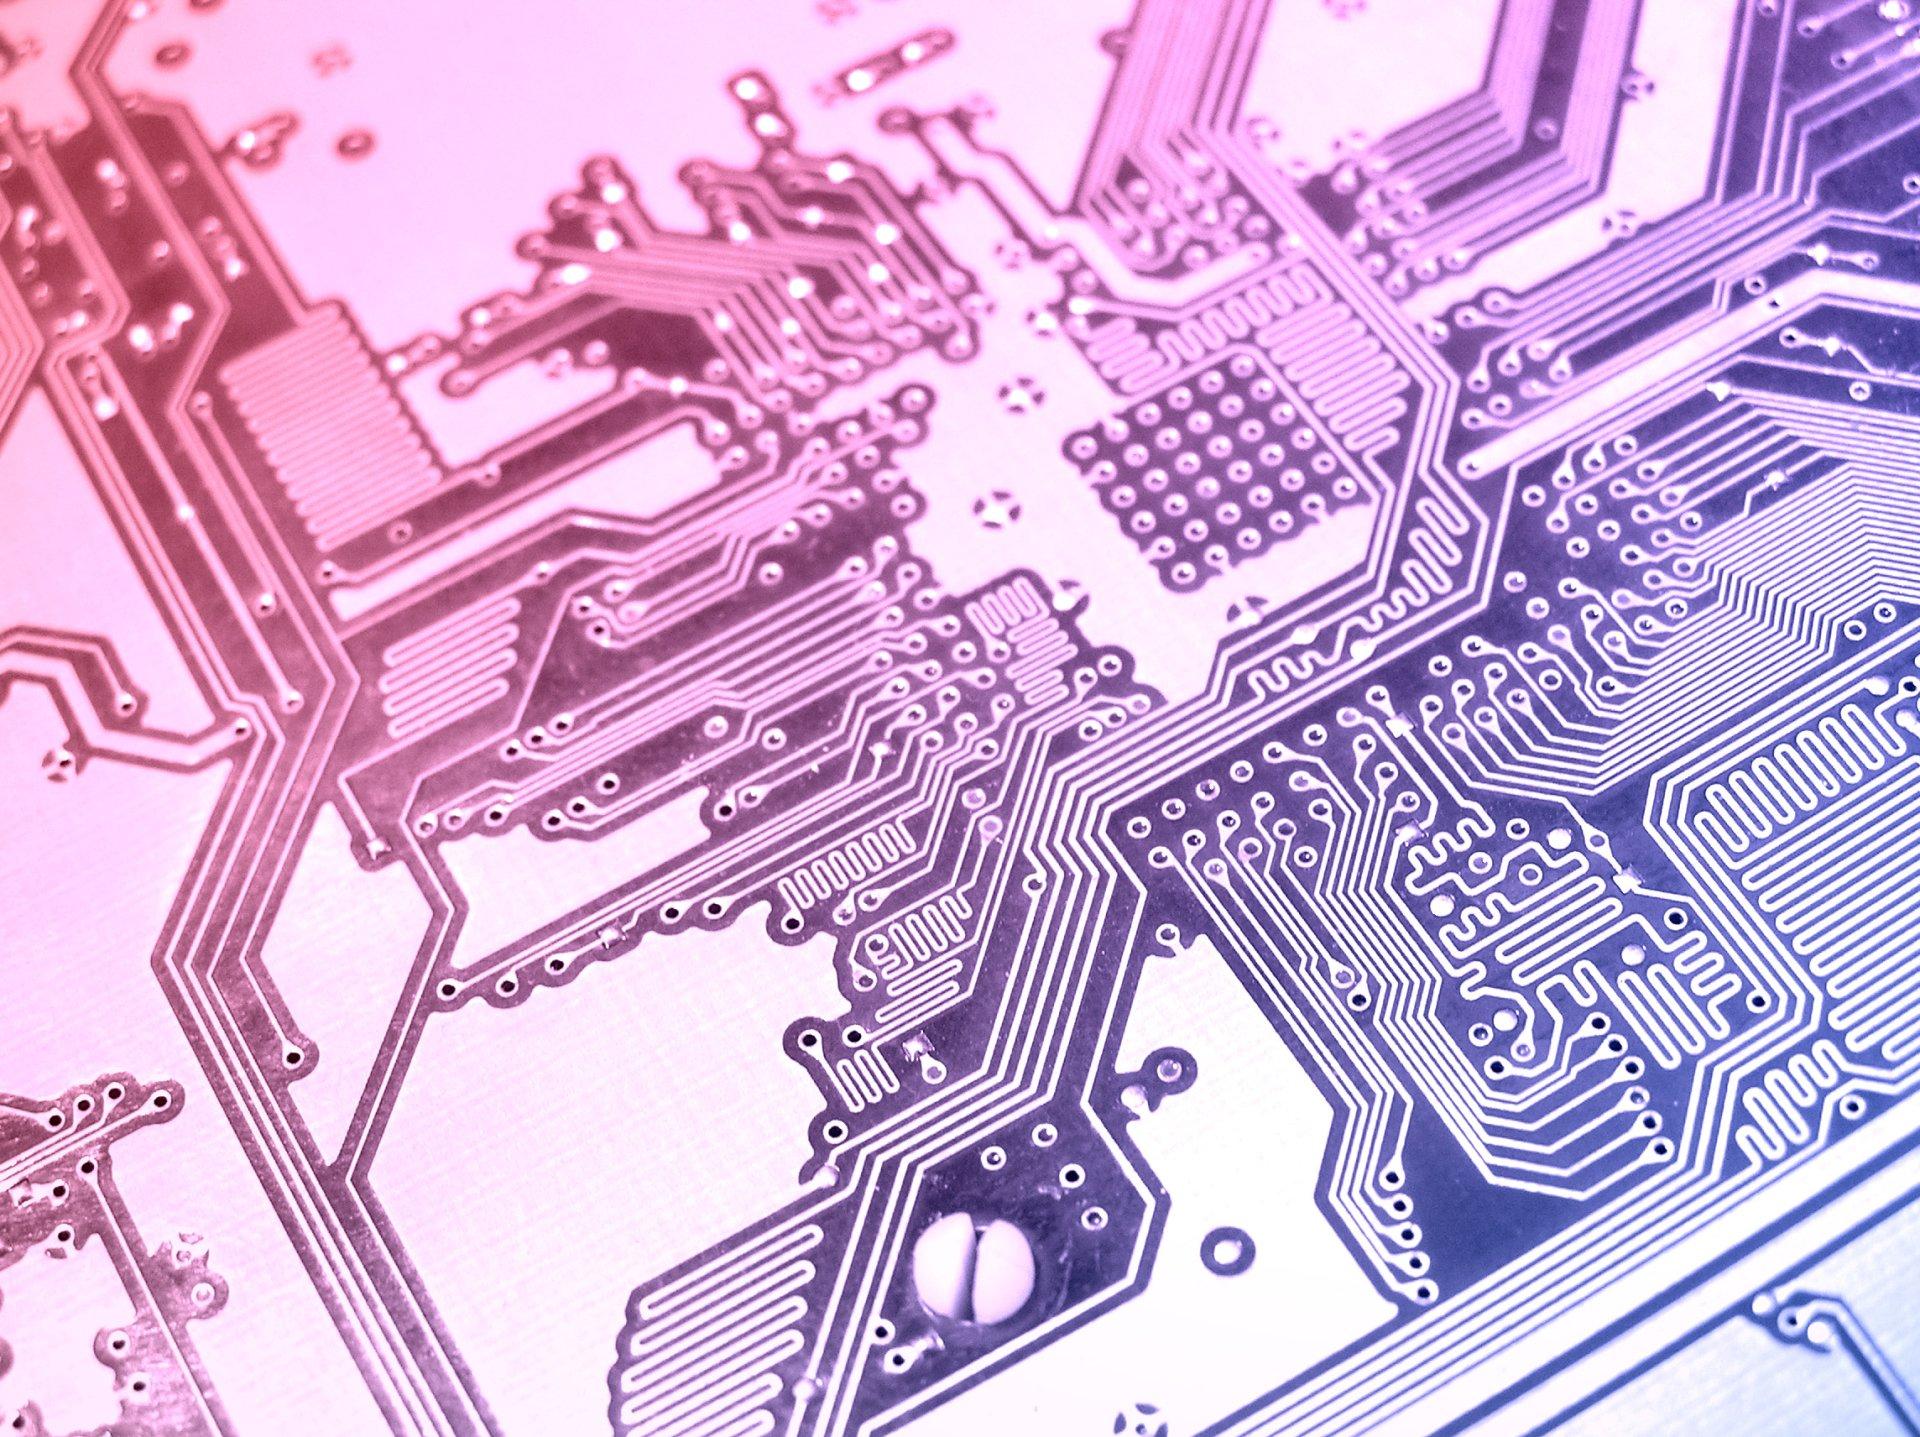 技术 - 电路  电脑 技术 壁纸